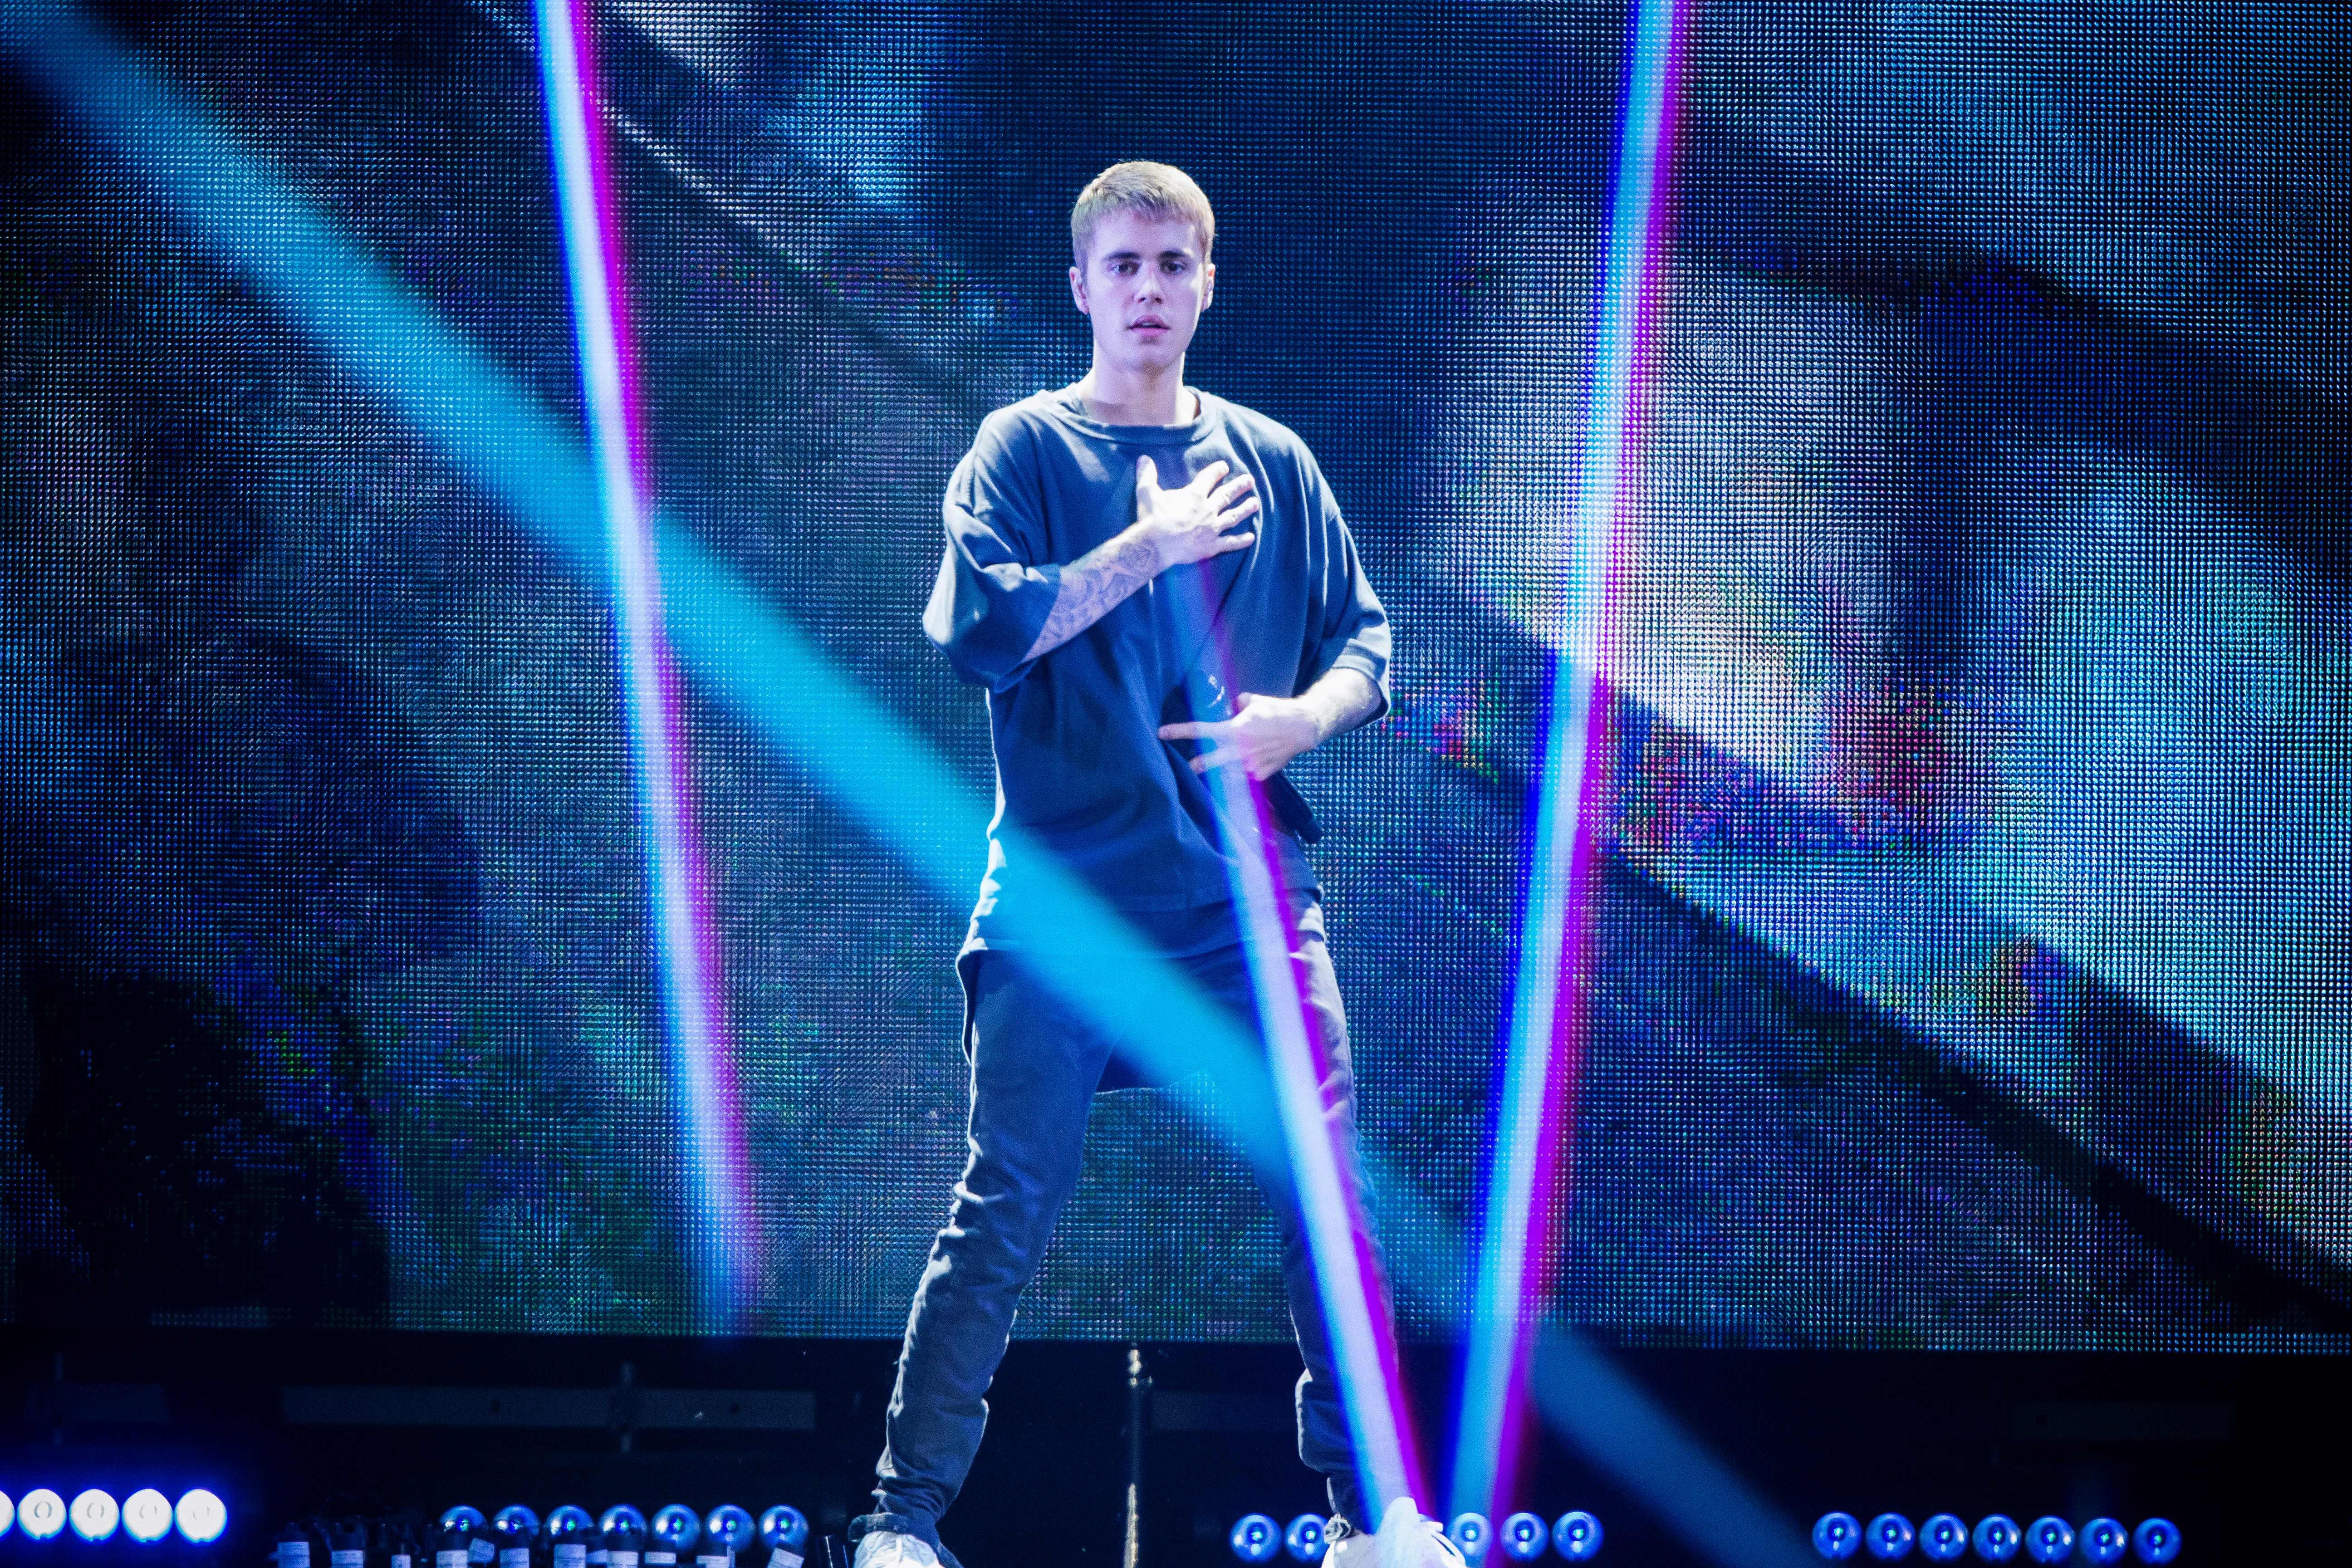 Justin Bieber DENMARK-MUSIC-BIEBER